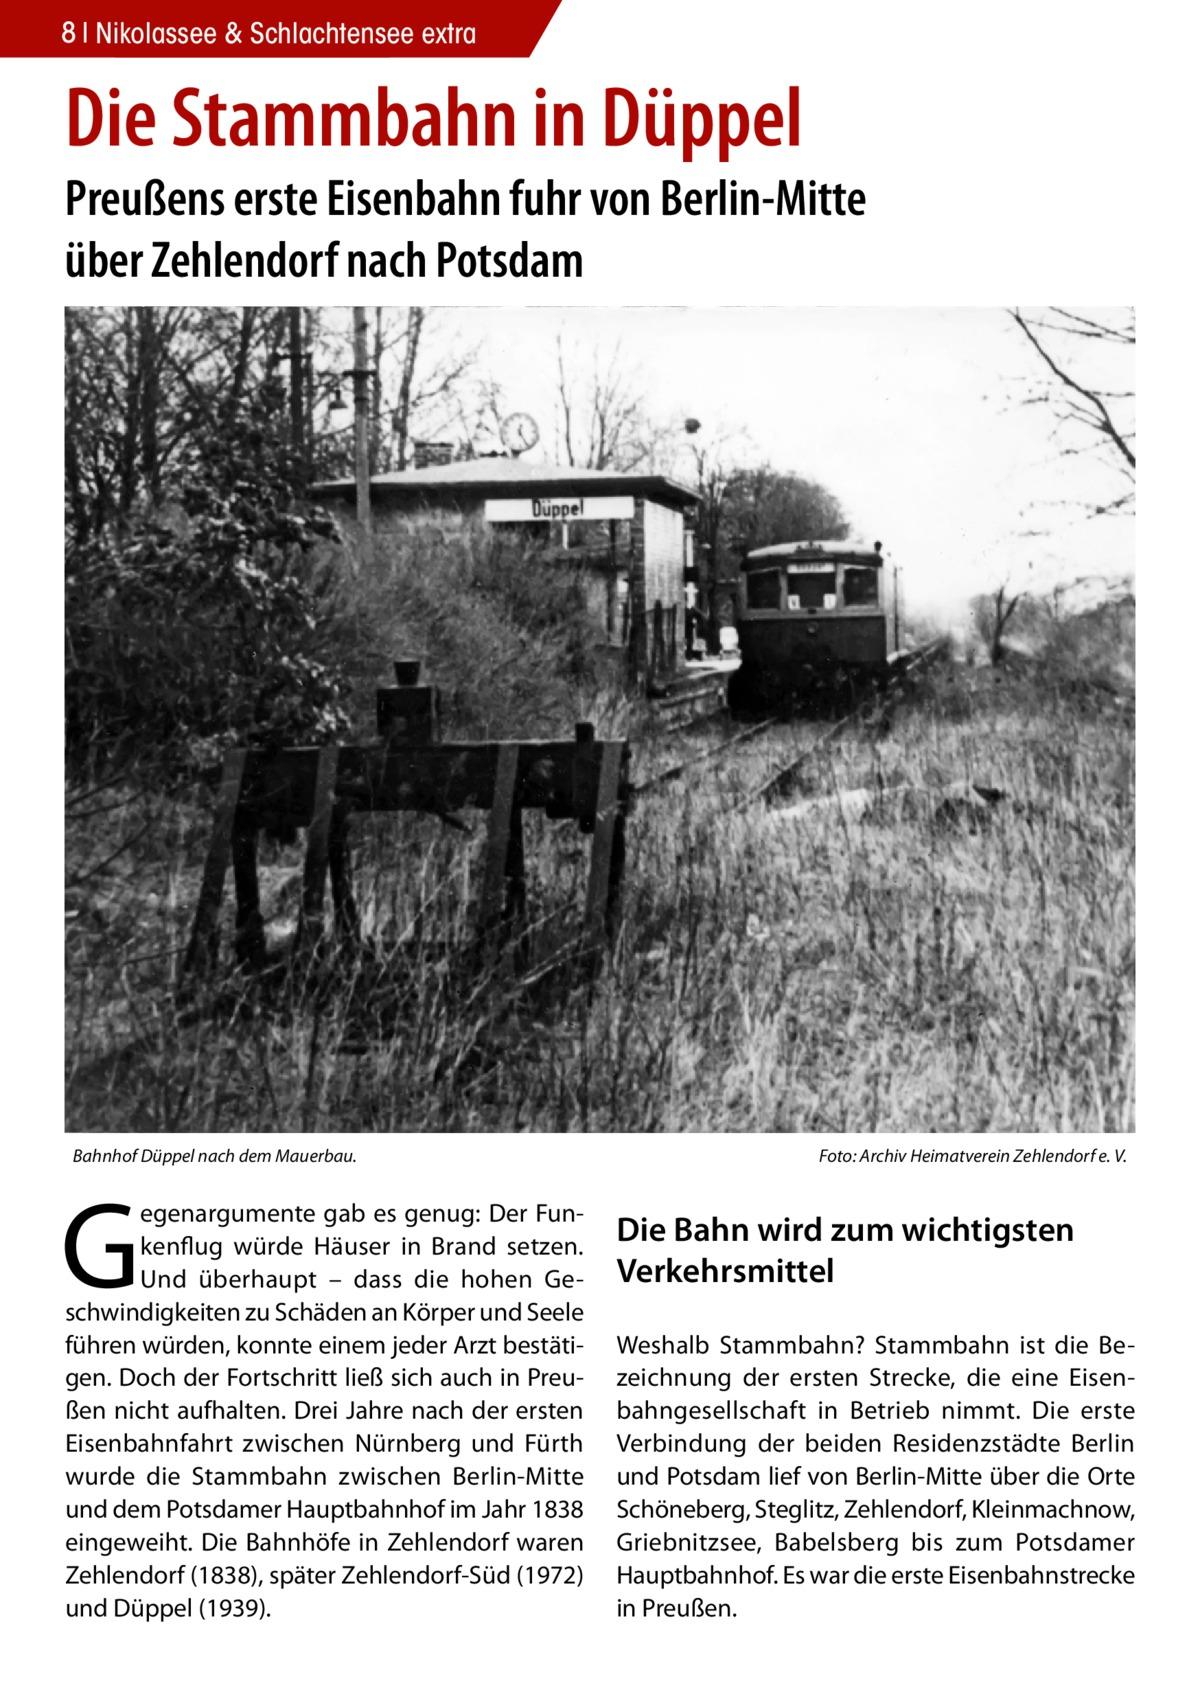 8 Nikolassee & Schlachtensee extra  Die Stammbahn in Düppel  Preußens erste Eisenbahn fuhr von Berlin-Mitte über Zehlendorf nach Potsdam  Bahnhof Düppel nach dem Mauerbau.�  G  egenargumente gab es genug: Der Funkenflug würde Häuser in Brand setzen. Und überhaupt – dass die hohen Geschwindigkeiten zu Schäden an Körper und Seele führen würden, konnte einem jeder Arzt bestätigen. Doch der Fortschritt ließ sich auch in Preußen nicht aufhalten. Drei Jahre nach der ersten Eisenbahnfahrt zwischen Nürnberg und Fürth wurde die Stammbahn zwischen Berlin-Mitte und dem Potsdamer Hauptbahnhof im Jahr 1838 eingeweiht. Die Bahnhöfe in Zehlendorf waren Zehlendorf (1838), später Zehlendorf-Süd (1972) und Düppel (1939).  Foto: Archiv Heimatverein Zehlendorf e. V.  Die Bahn wird zum wichtigsten Verkehrsmittel Weshalb Stammbahn? Stammbahn ist die Bezeichnung der ersten Strecke, die eine Eisenbahngesellschaft in Betrieb nimmt. Die erste Verbindung der beiden Residenzstädte Berlin und Potsdam lief von Berlin-Mitte über die Orte Schöneberg, Steglitz, Zehlendorf, Kleinmachnow, Griebnitzsee, Babelsberg bis zum Potsdamer Hauptbahnhof. Es war die erste Eisenbahnstrecke in Preußen.